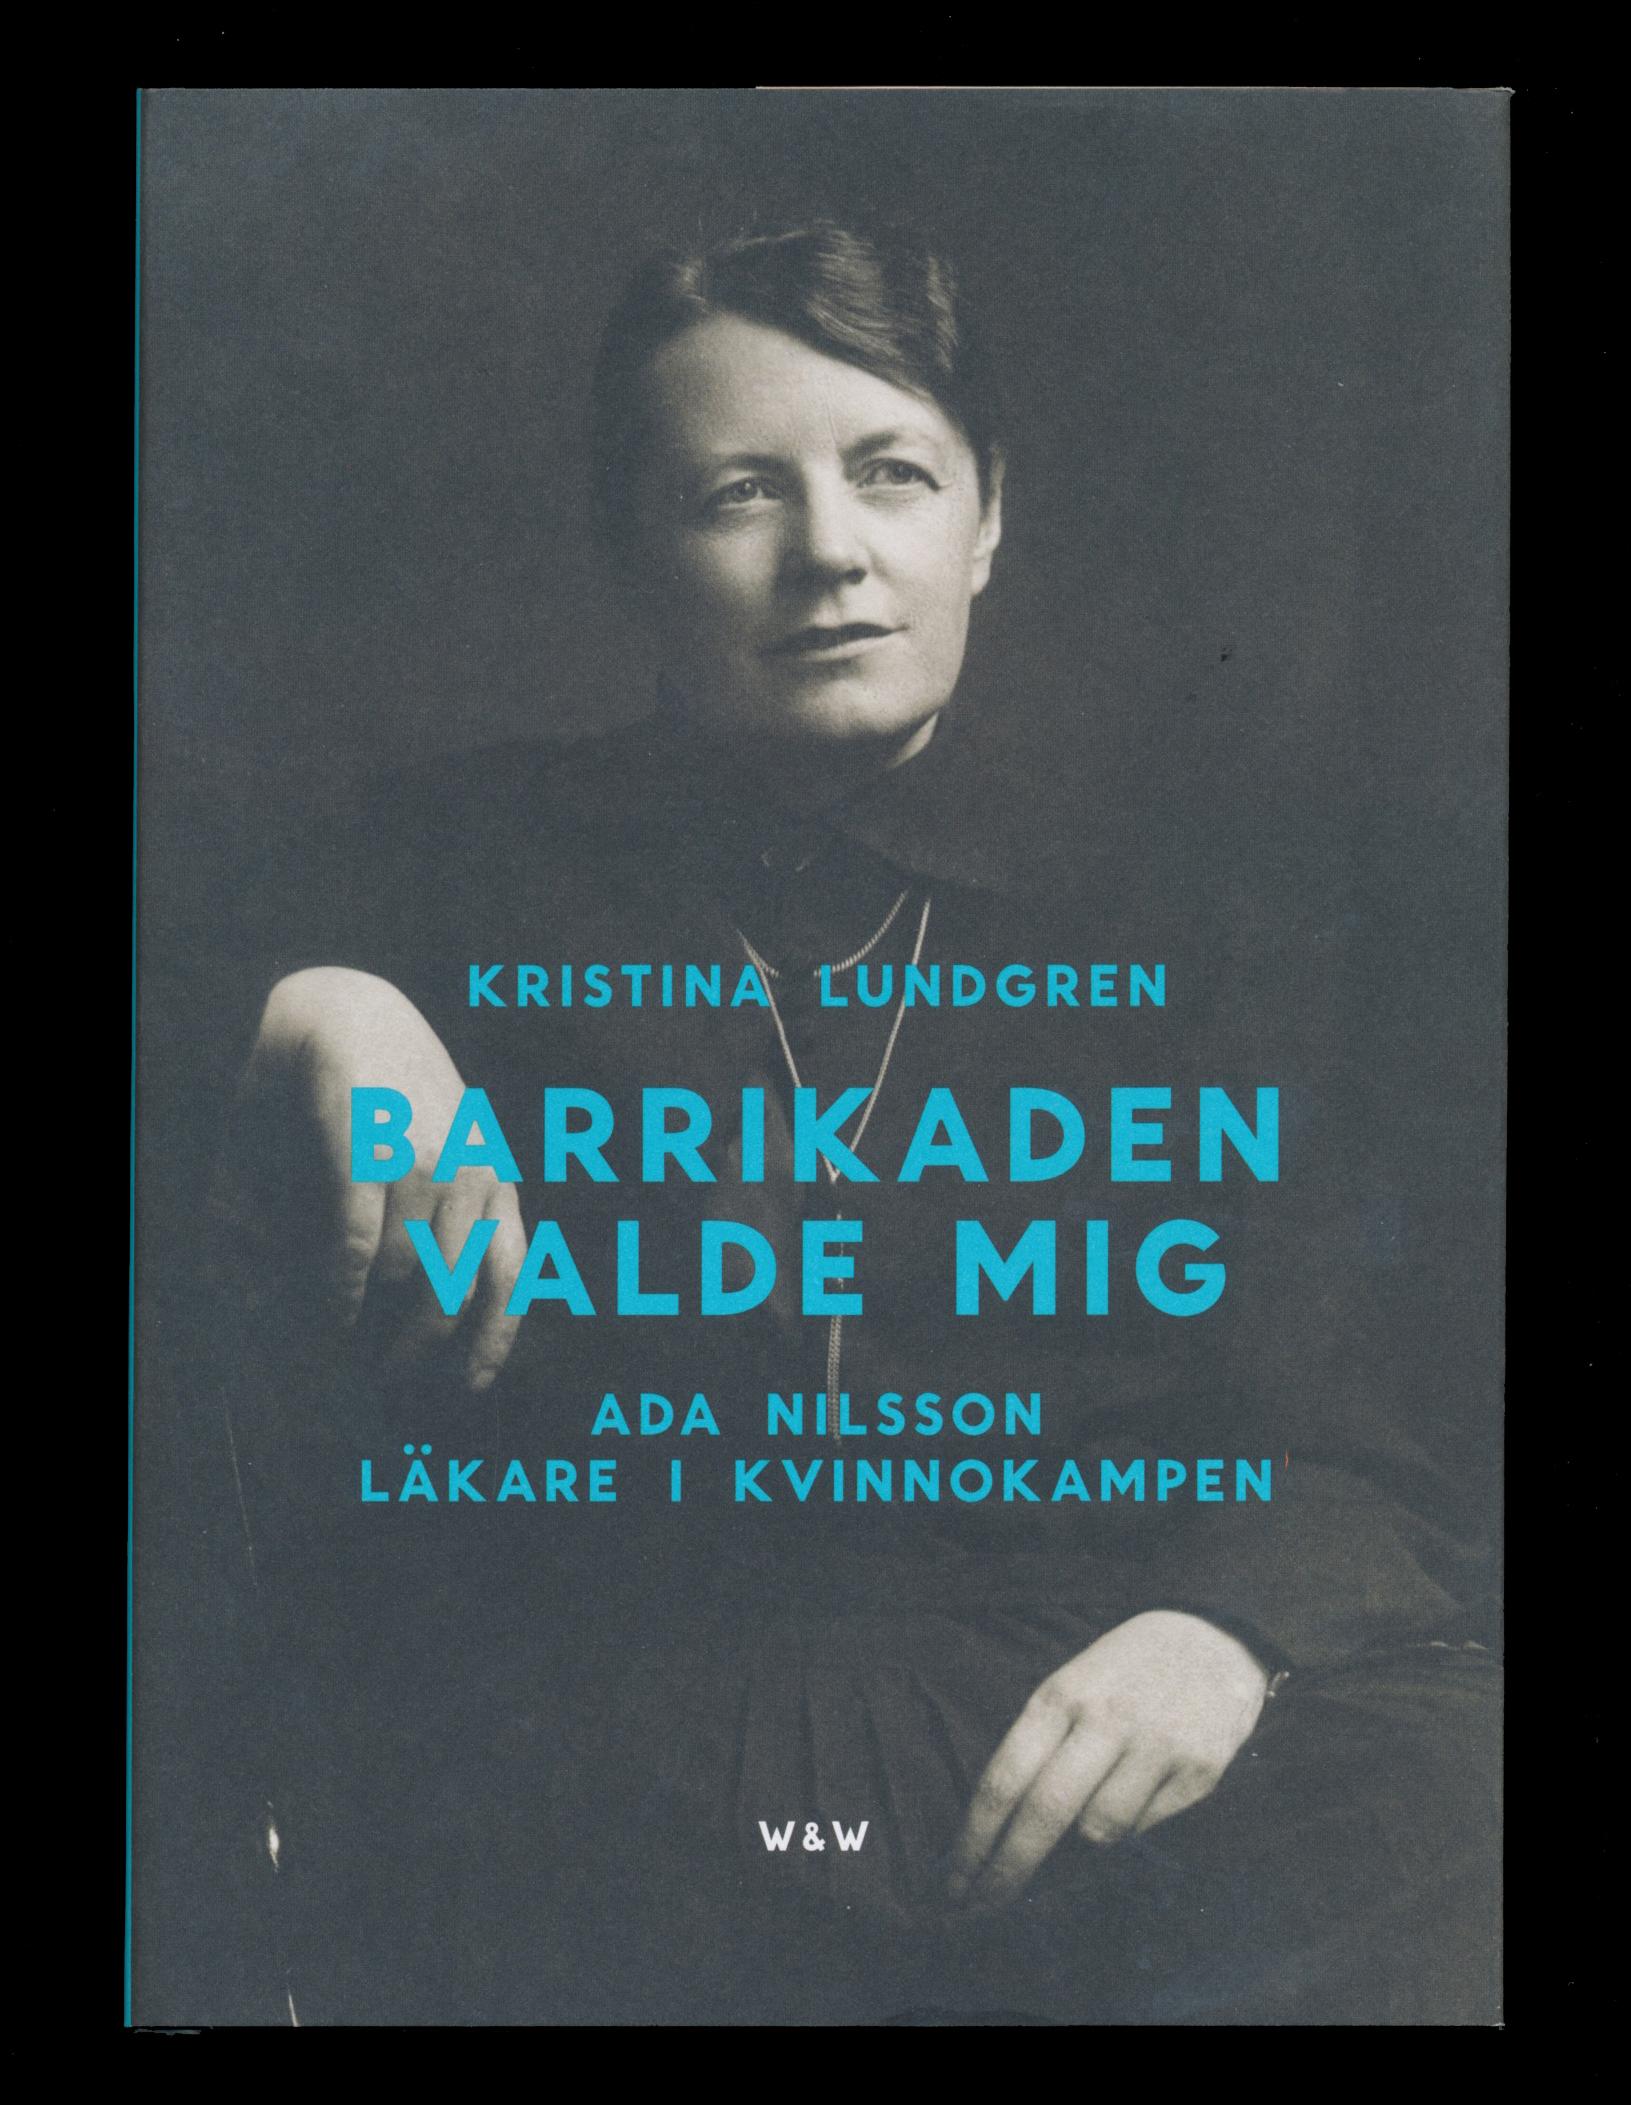 Ada Nilsson, läkare i kvinnokampen